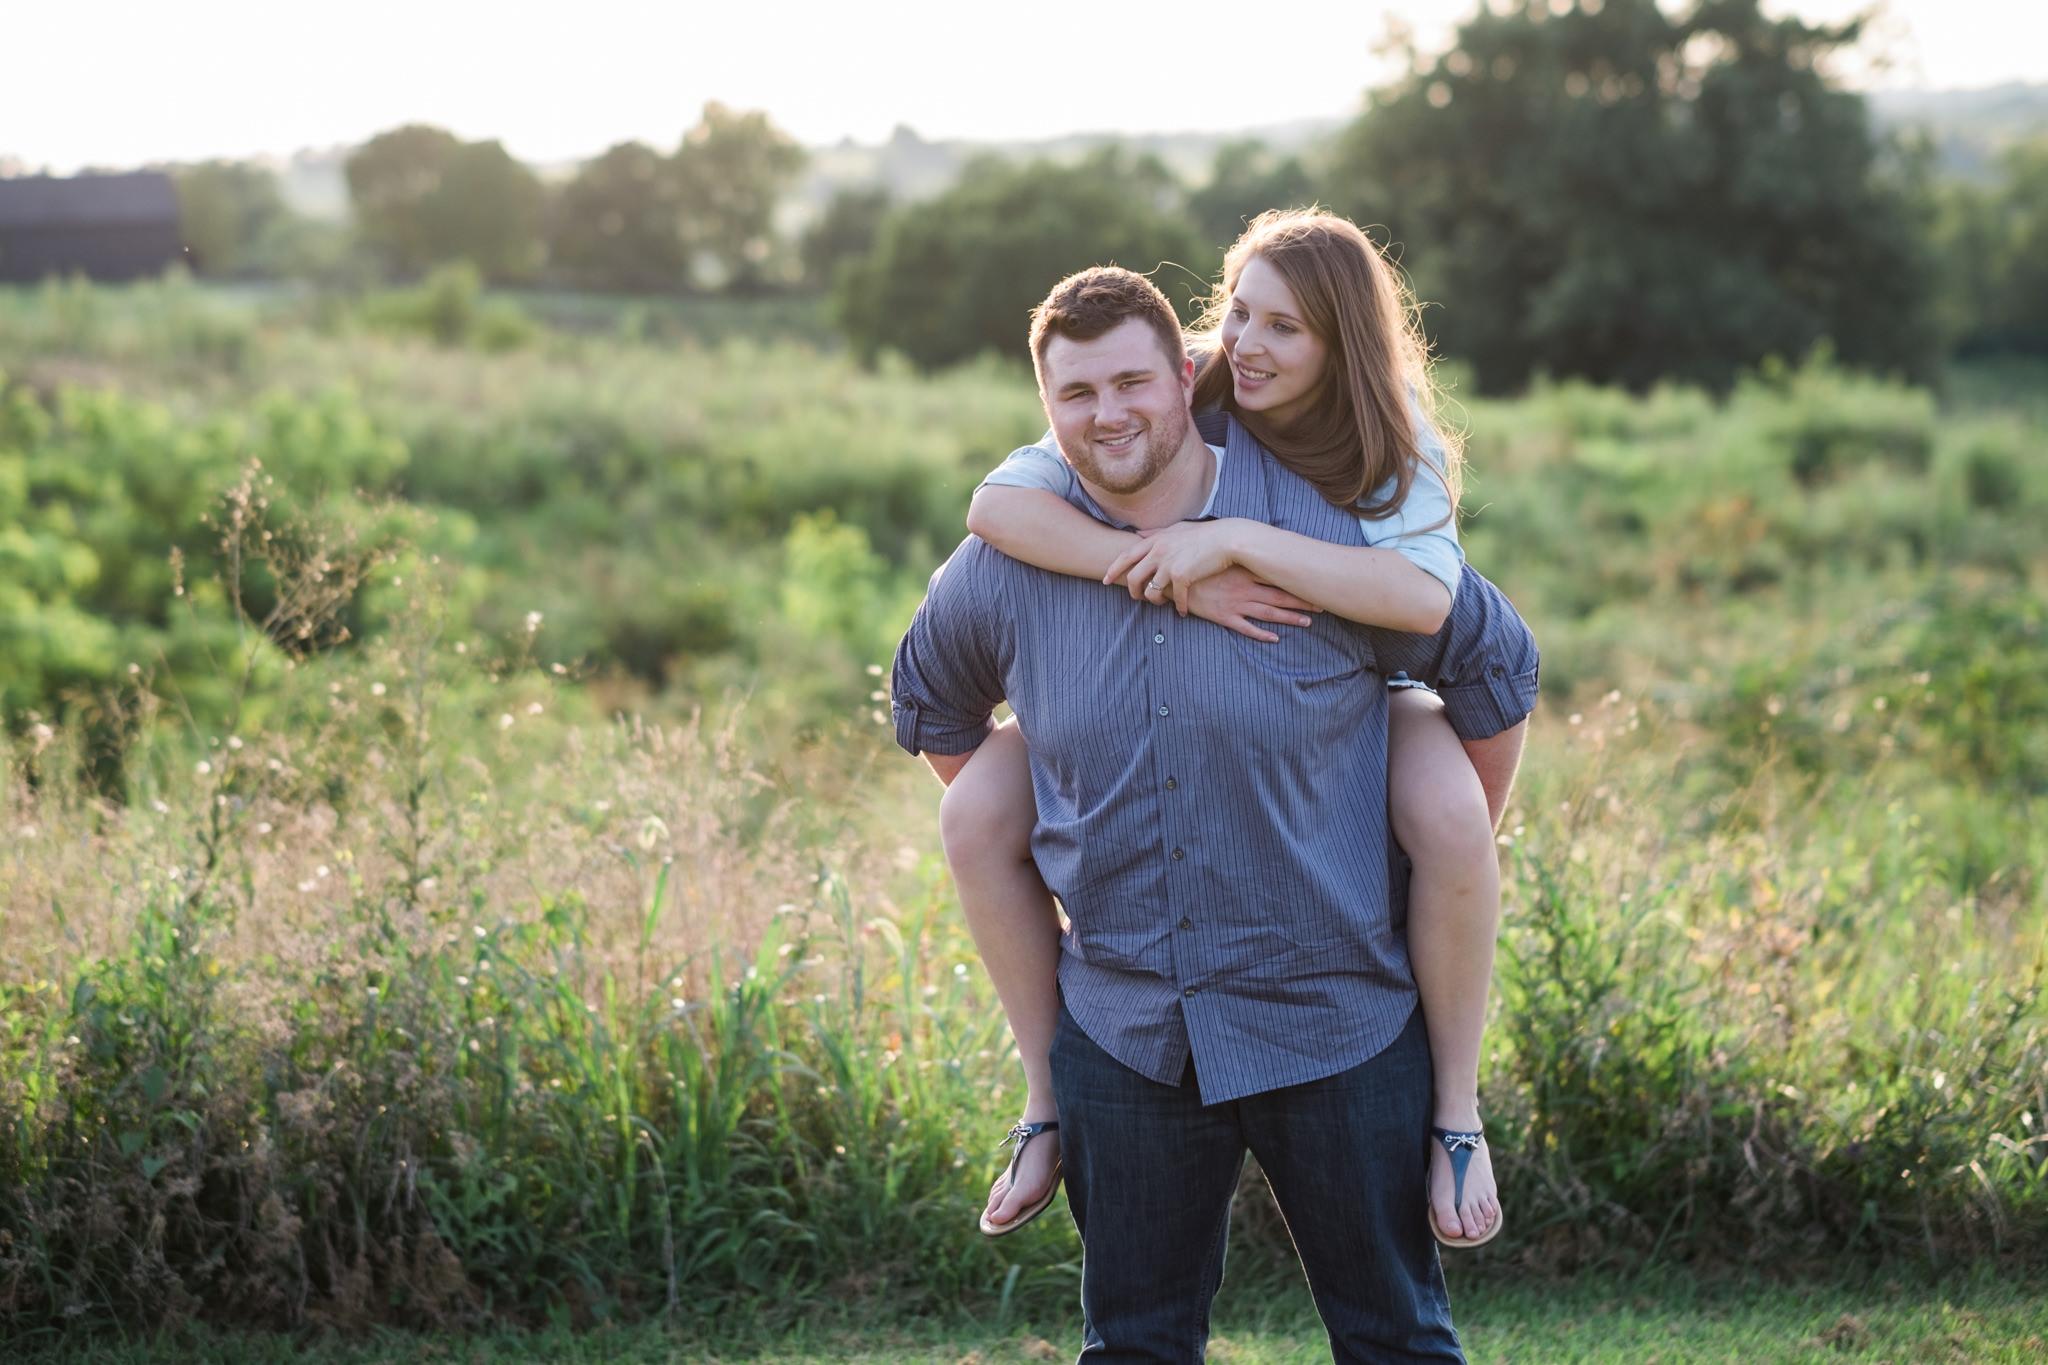 Callie&Dustin_Engagement_Blog_0017.jpg